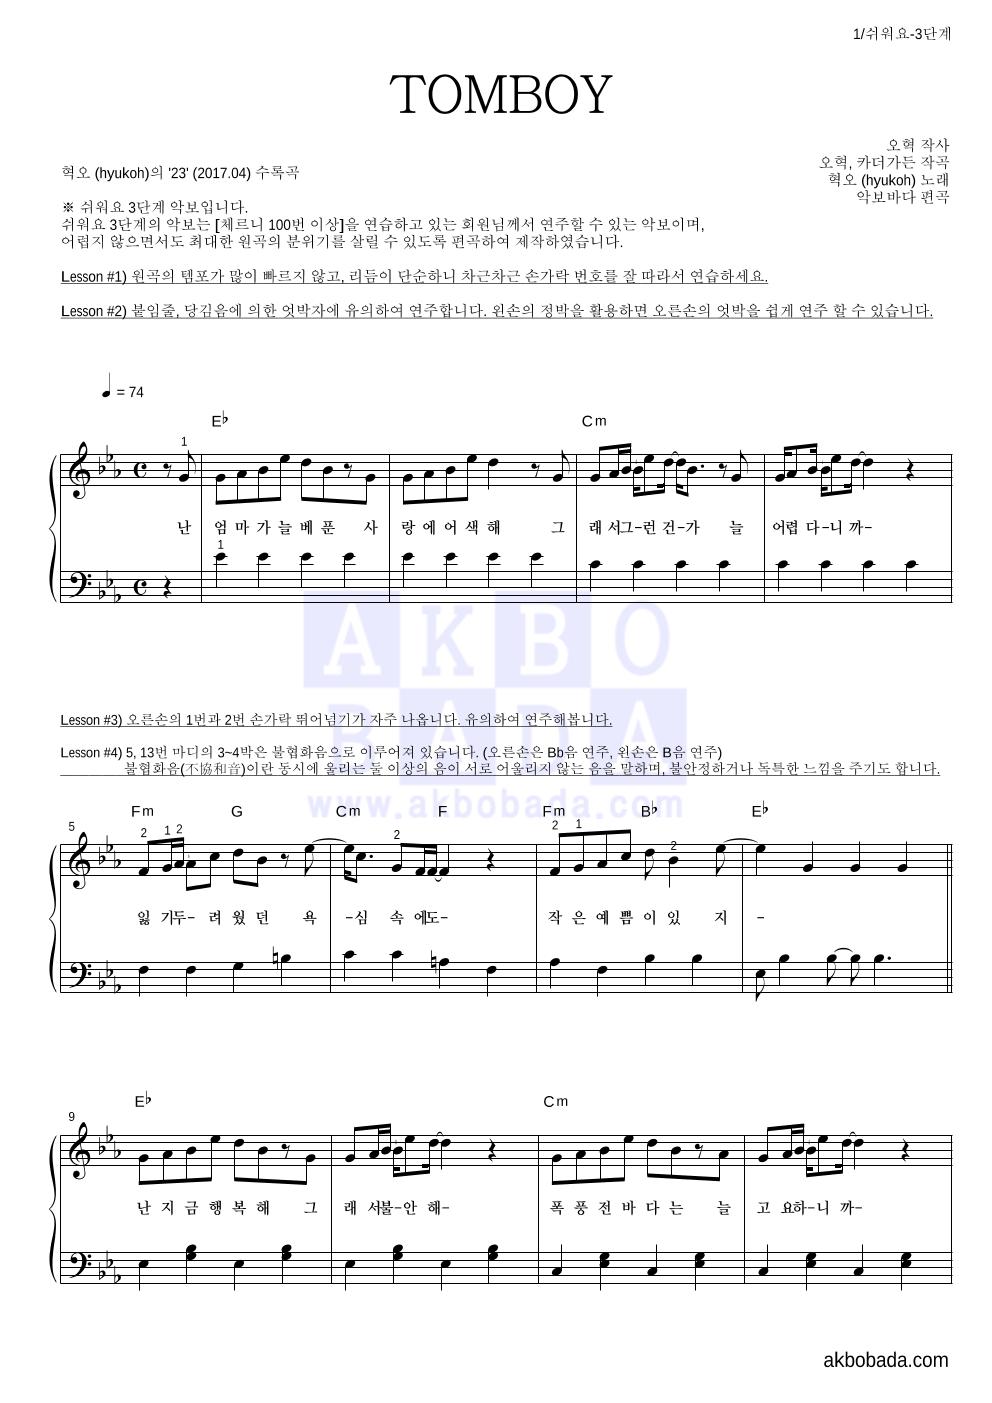 혁오 - TOMBOY 피아노2단-쉬워요 악보